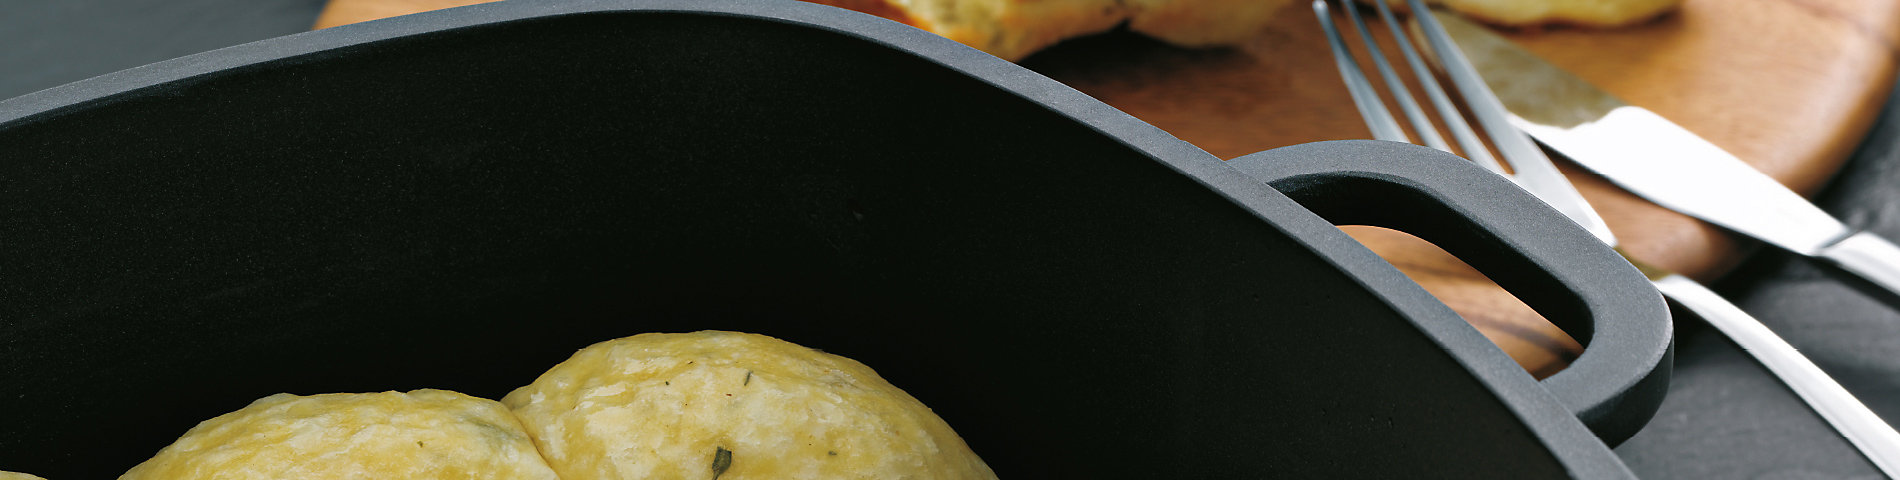 Vielseitiges Kochgeschirr zum Kochen und Braten